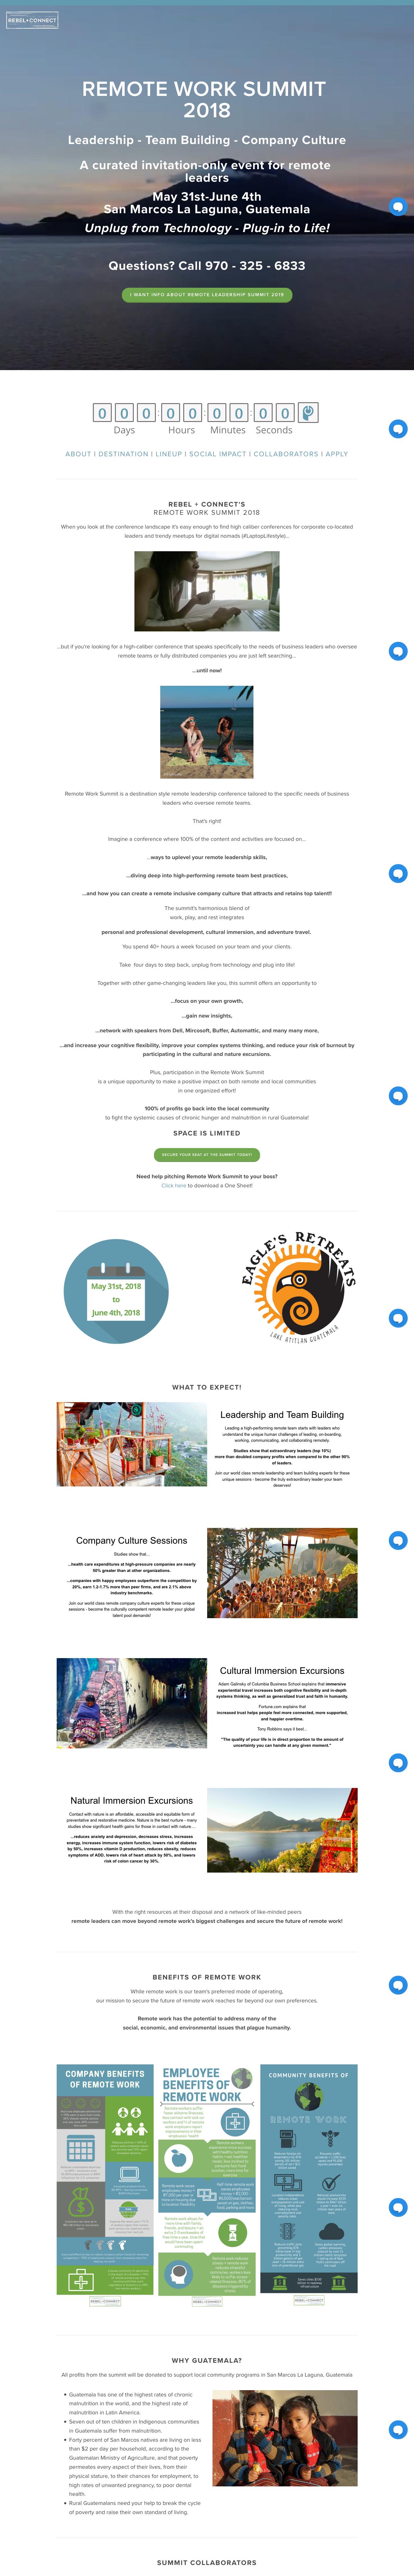 Firefox_Screenshot_2018-12-10T19-35-24.247Z.png